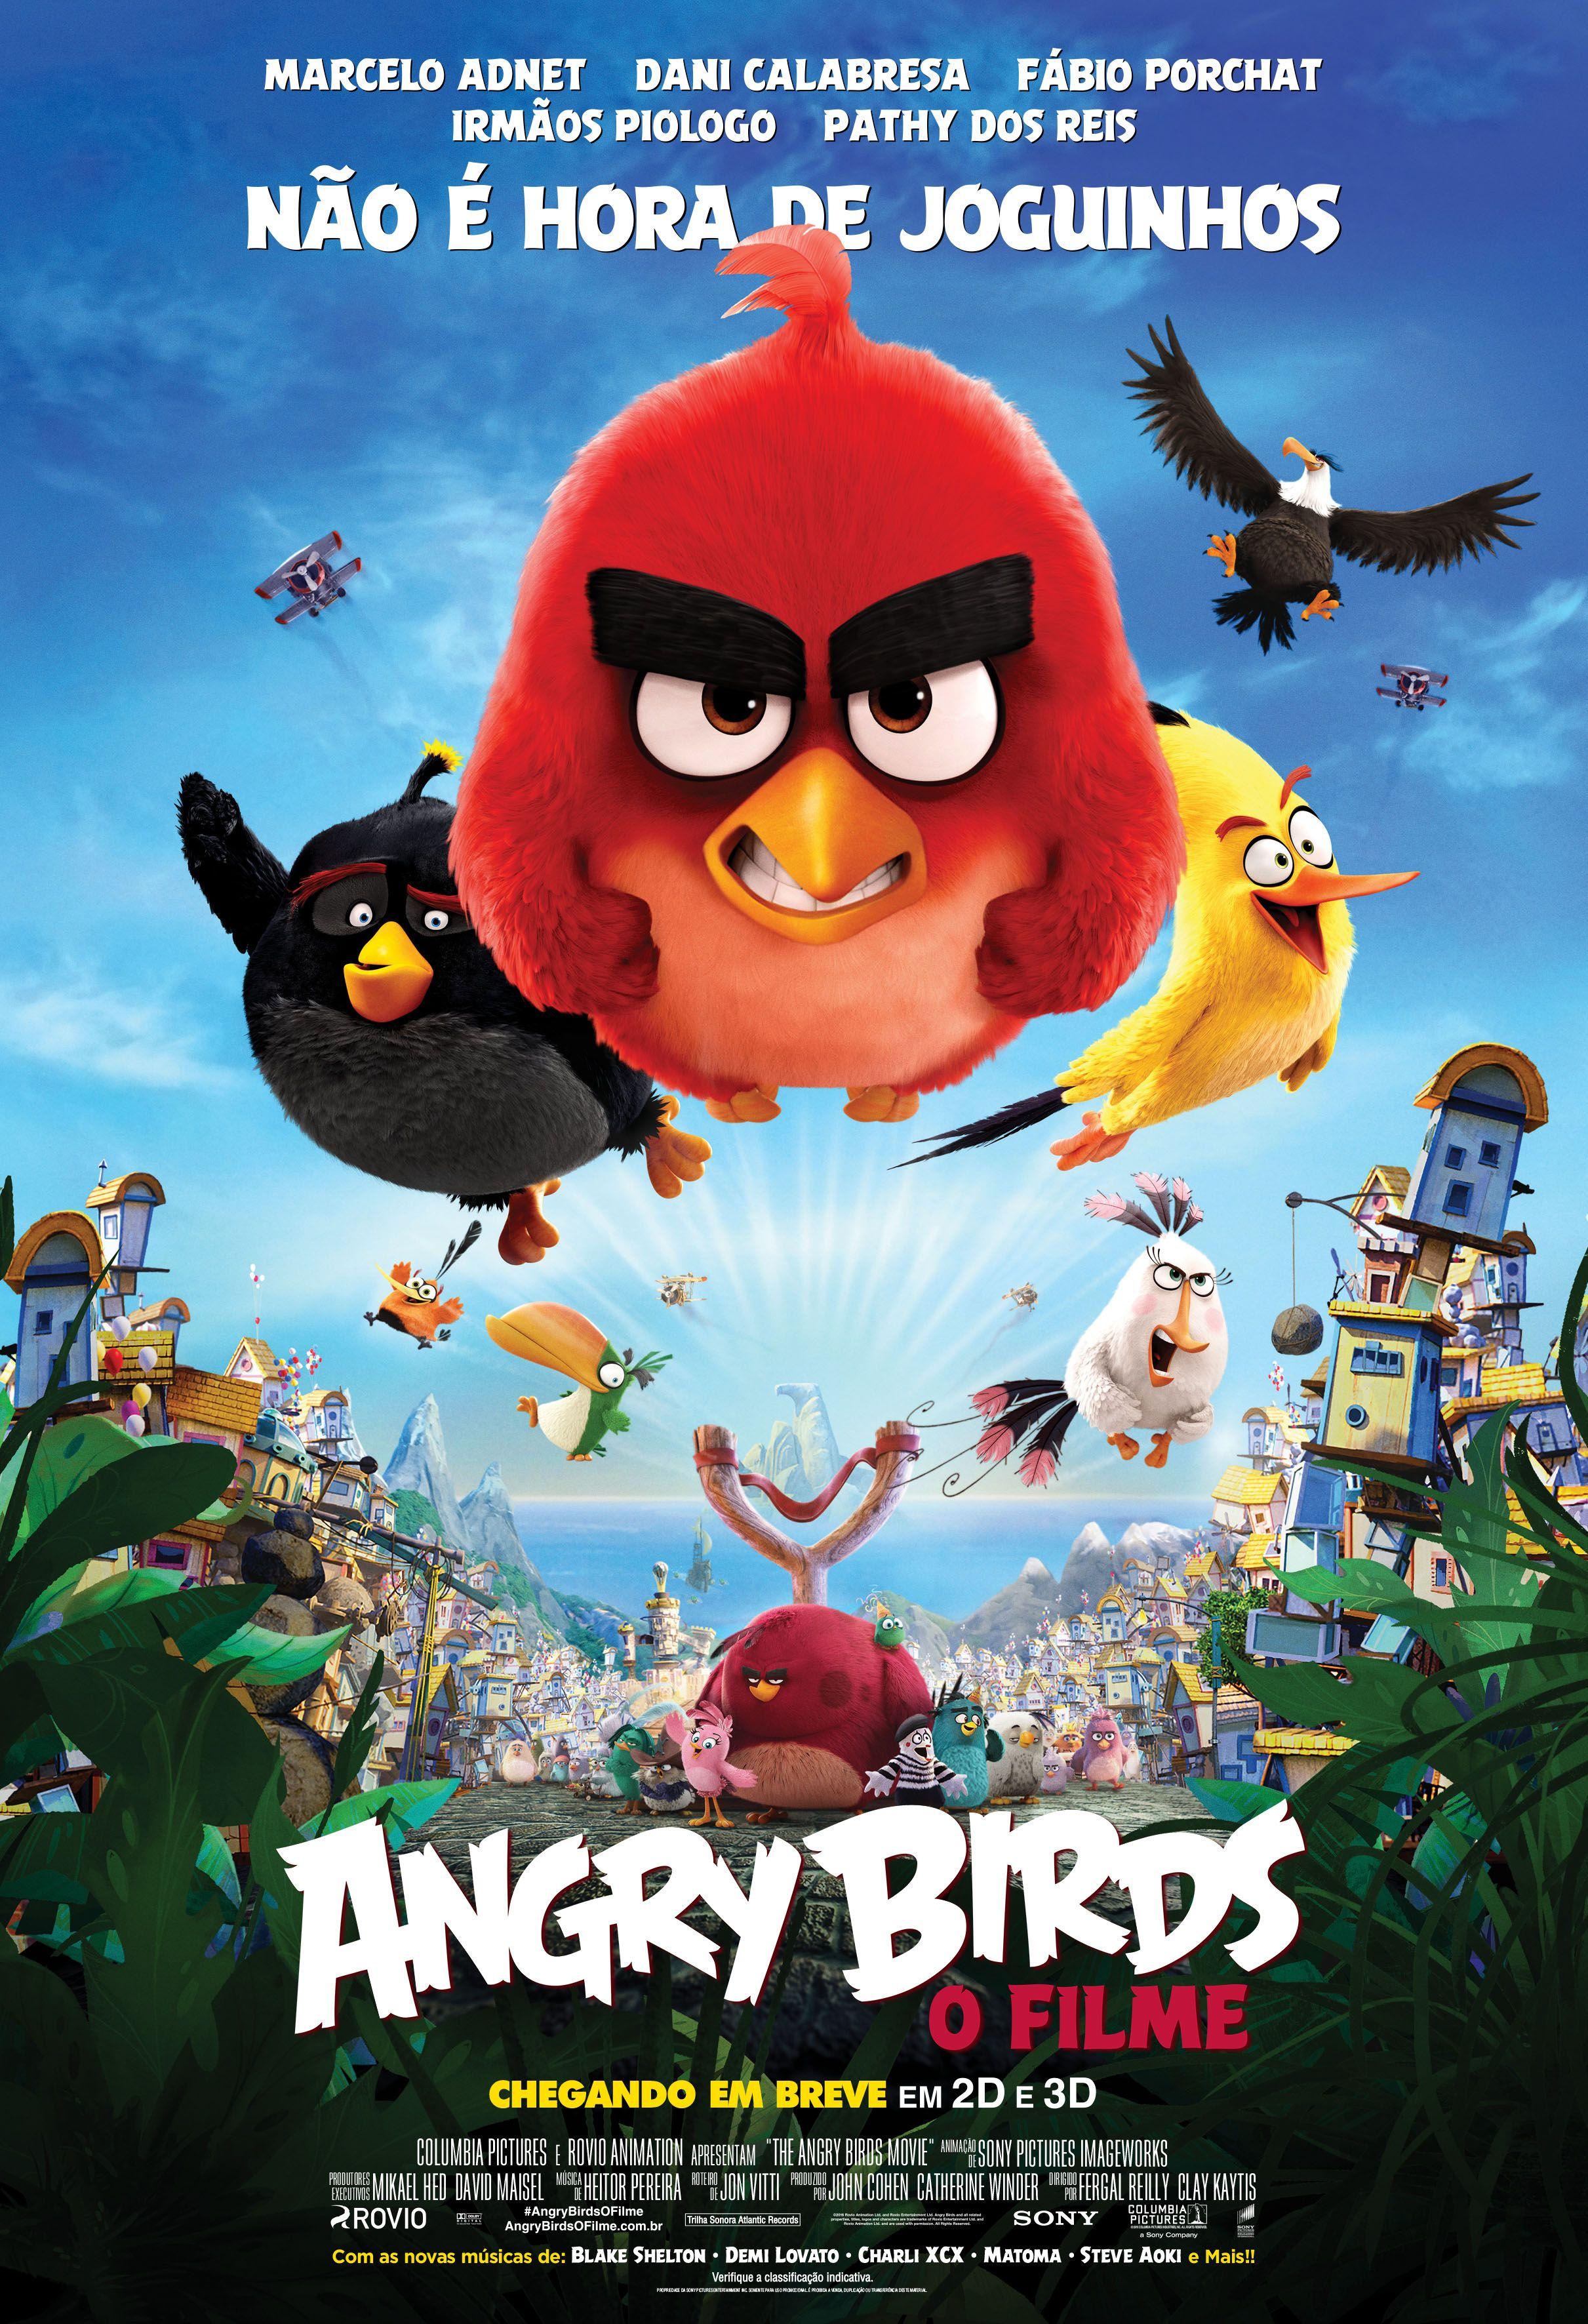 Assistir Angry Birds O Filme Online Hd 1080p Angry Birds Filme